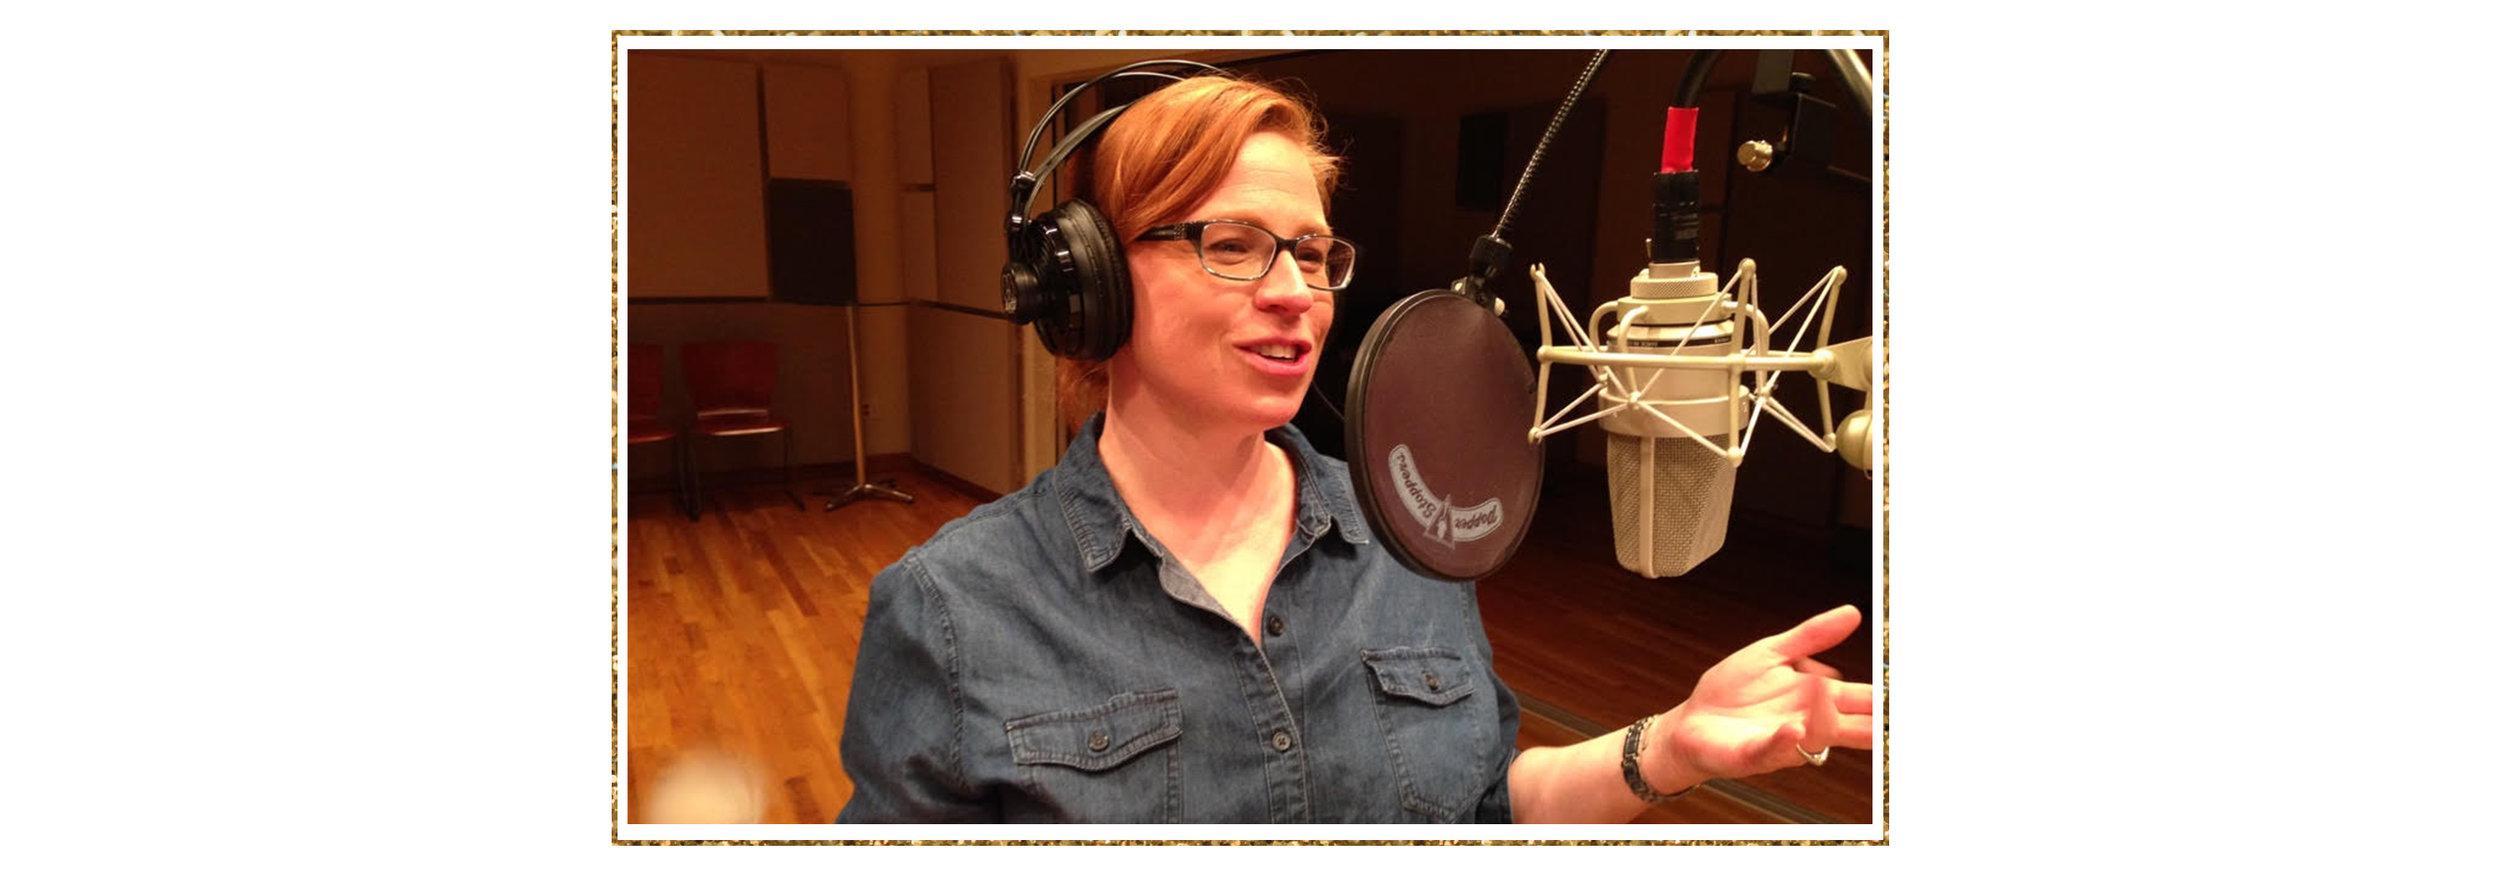 Melanie in Studio.jpg